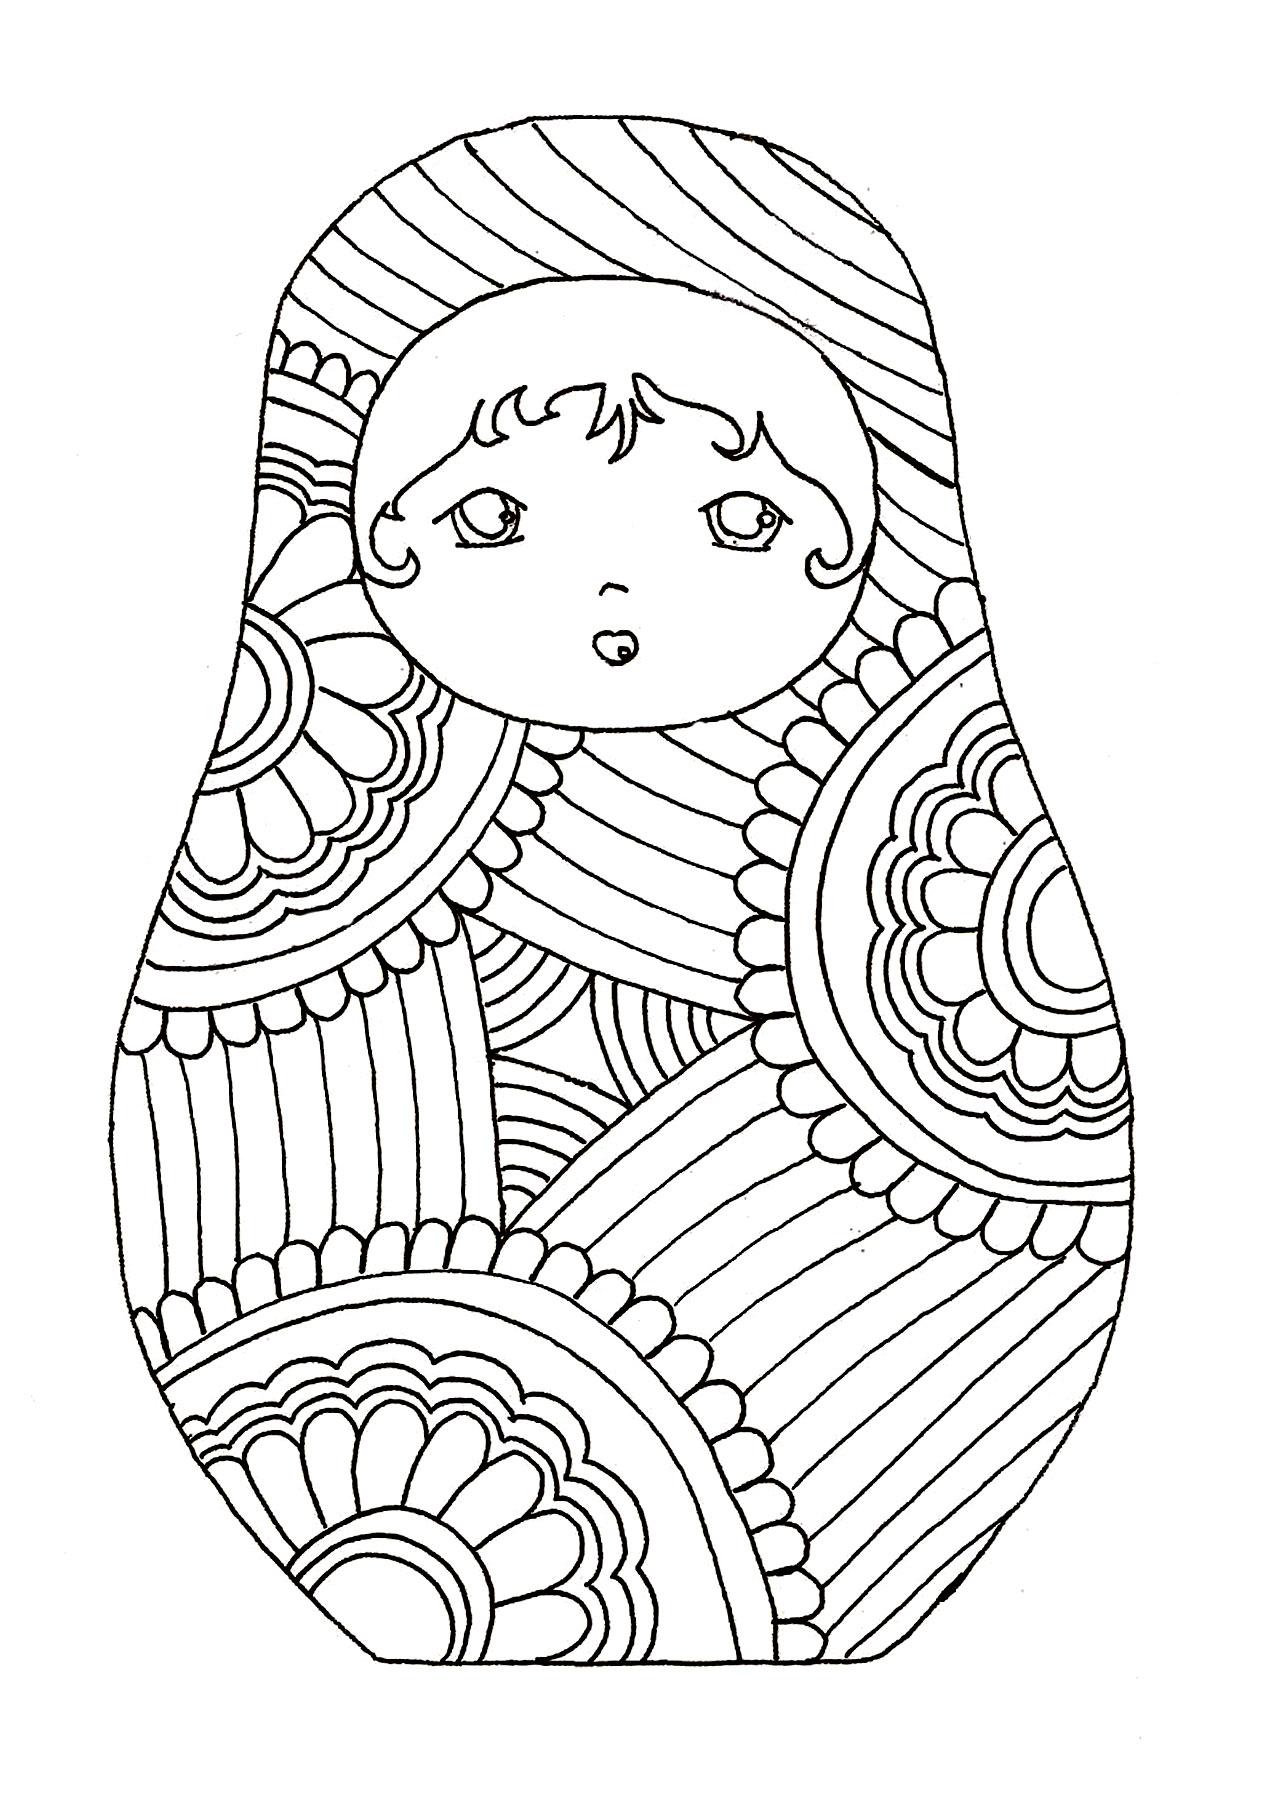 Disegni da colorare per adulti : Bambole russe - 3